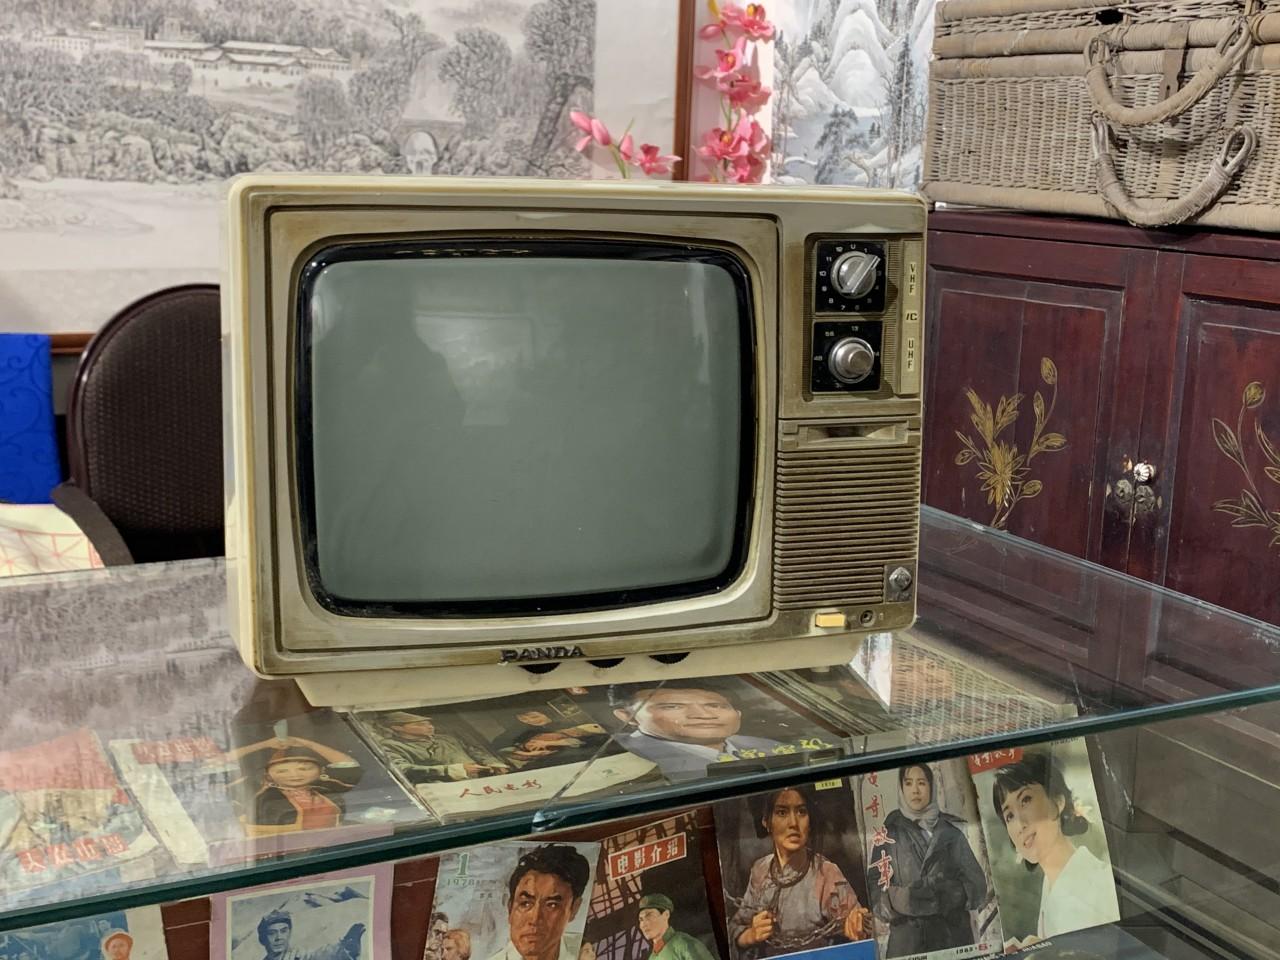 老电视.jpg